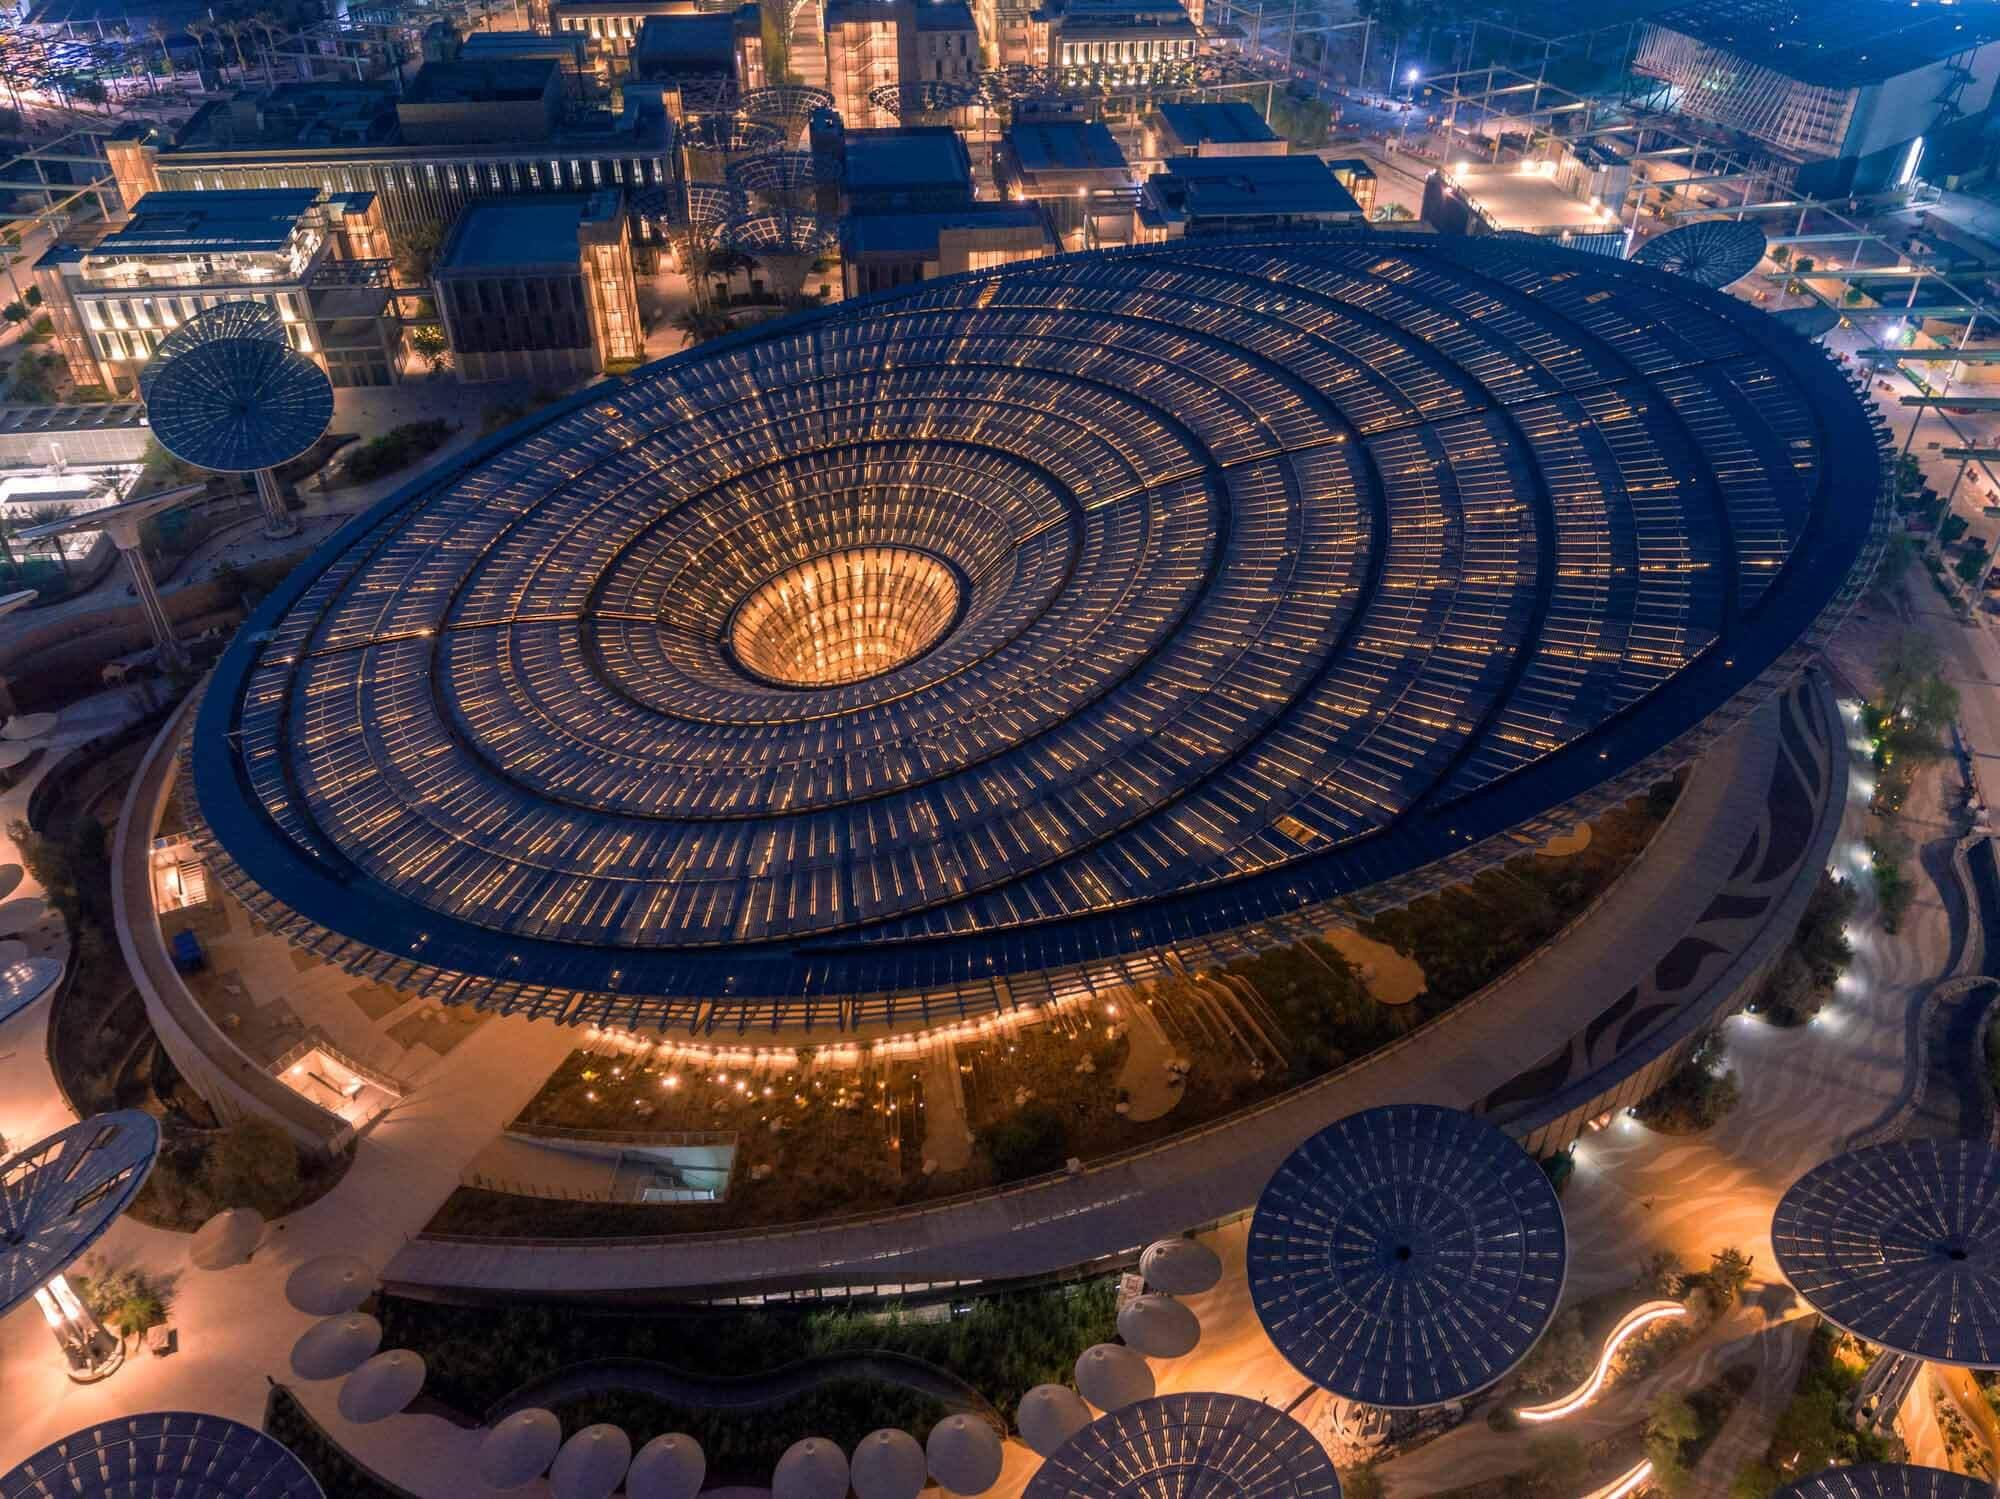 Grimshaw Architects проектирует павильон устойчивого развития на выставке Expo 2020 Dubai